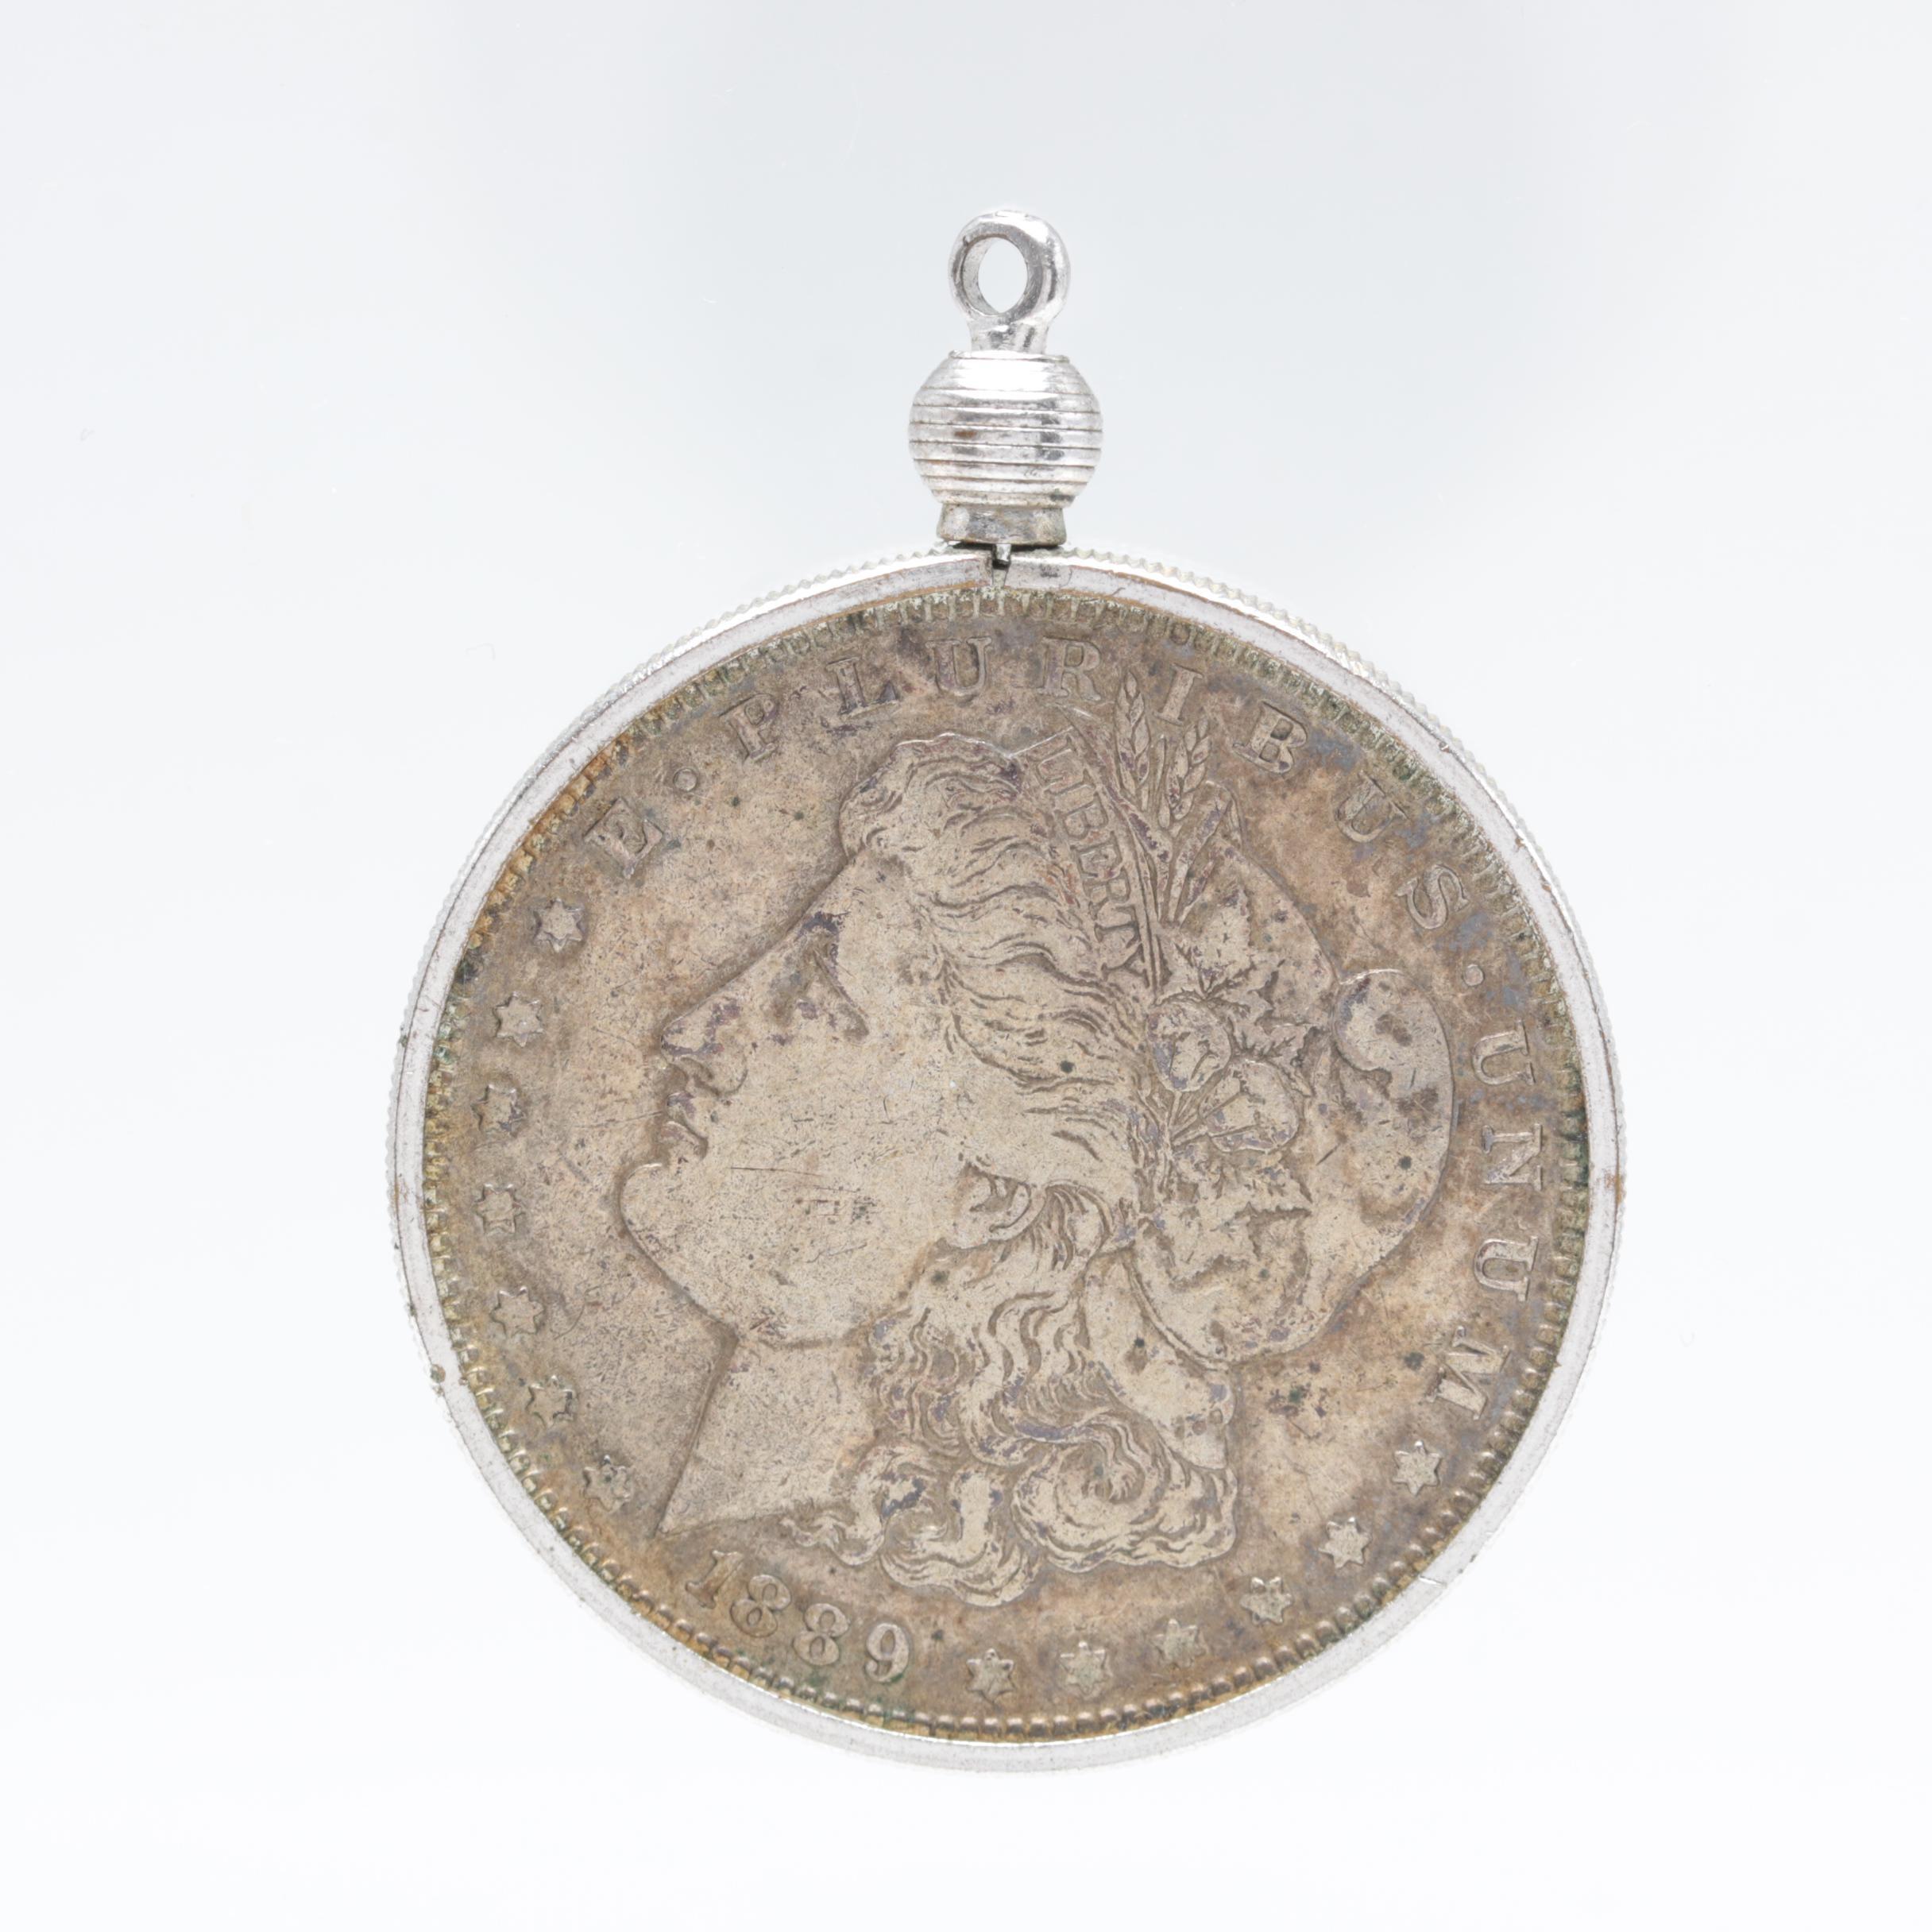 Silver Tone Bezel Pendant Holding an 1889-O Morgan Silver Dollar